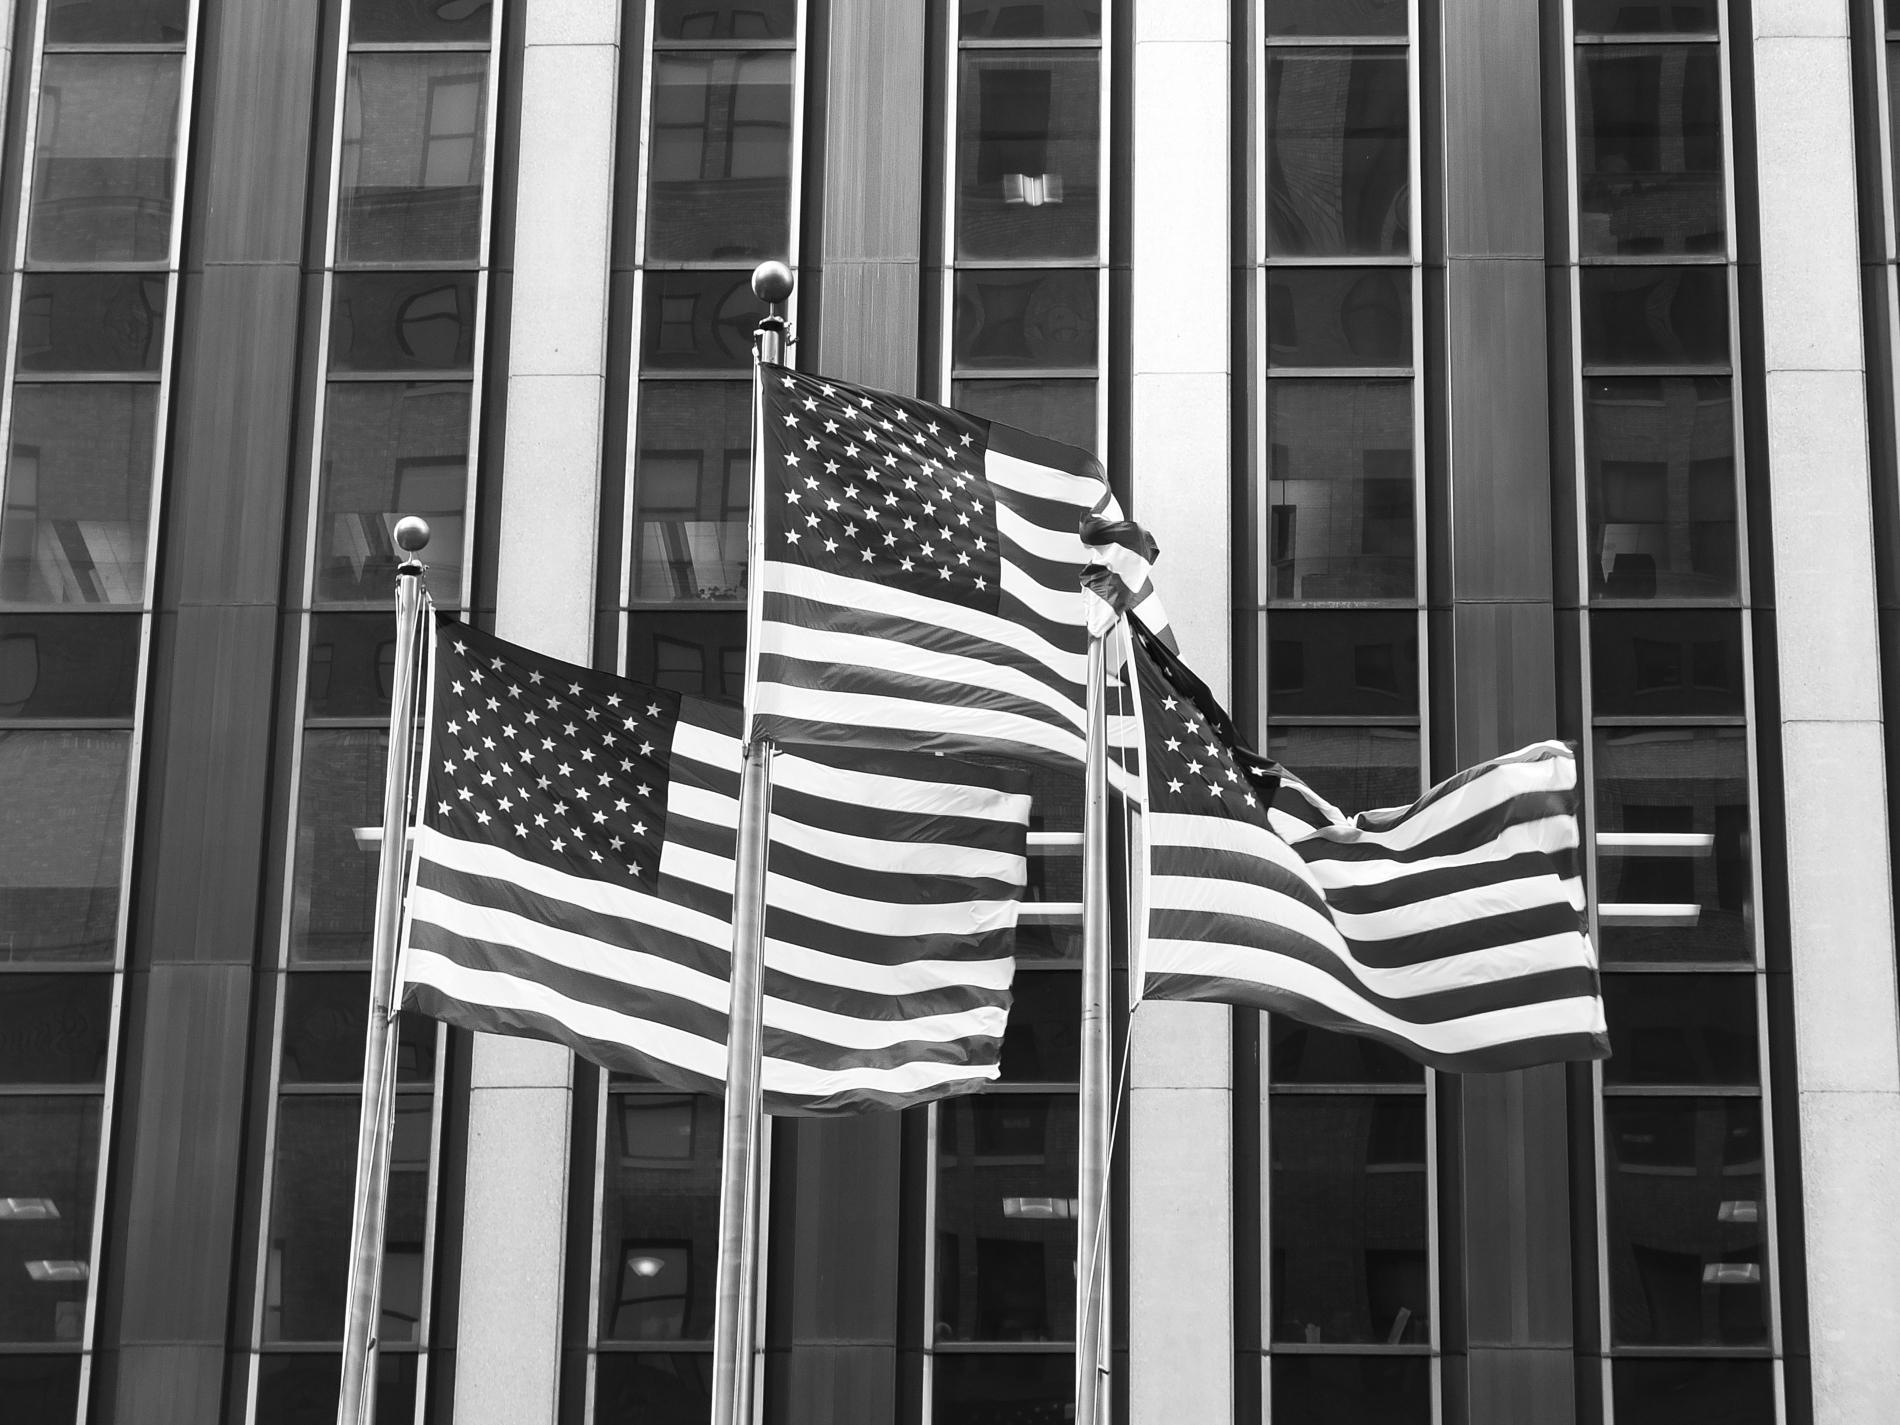 New York Flag Department near Madison Square Garden